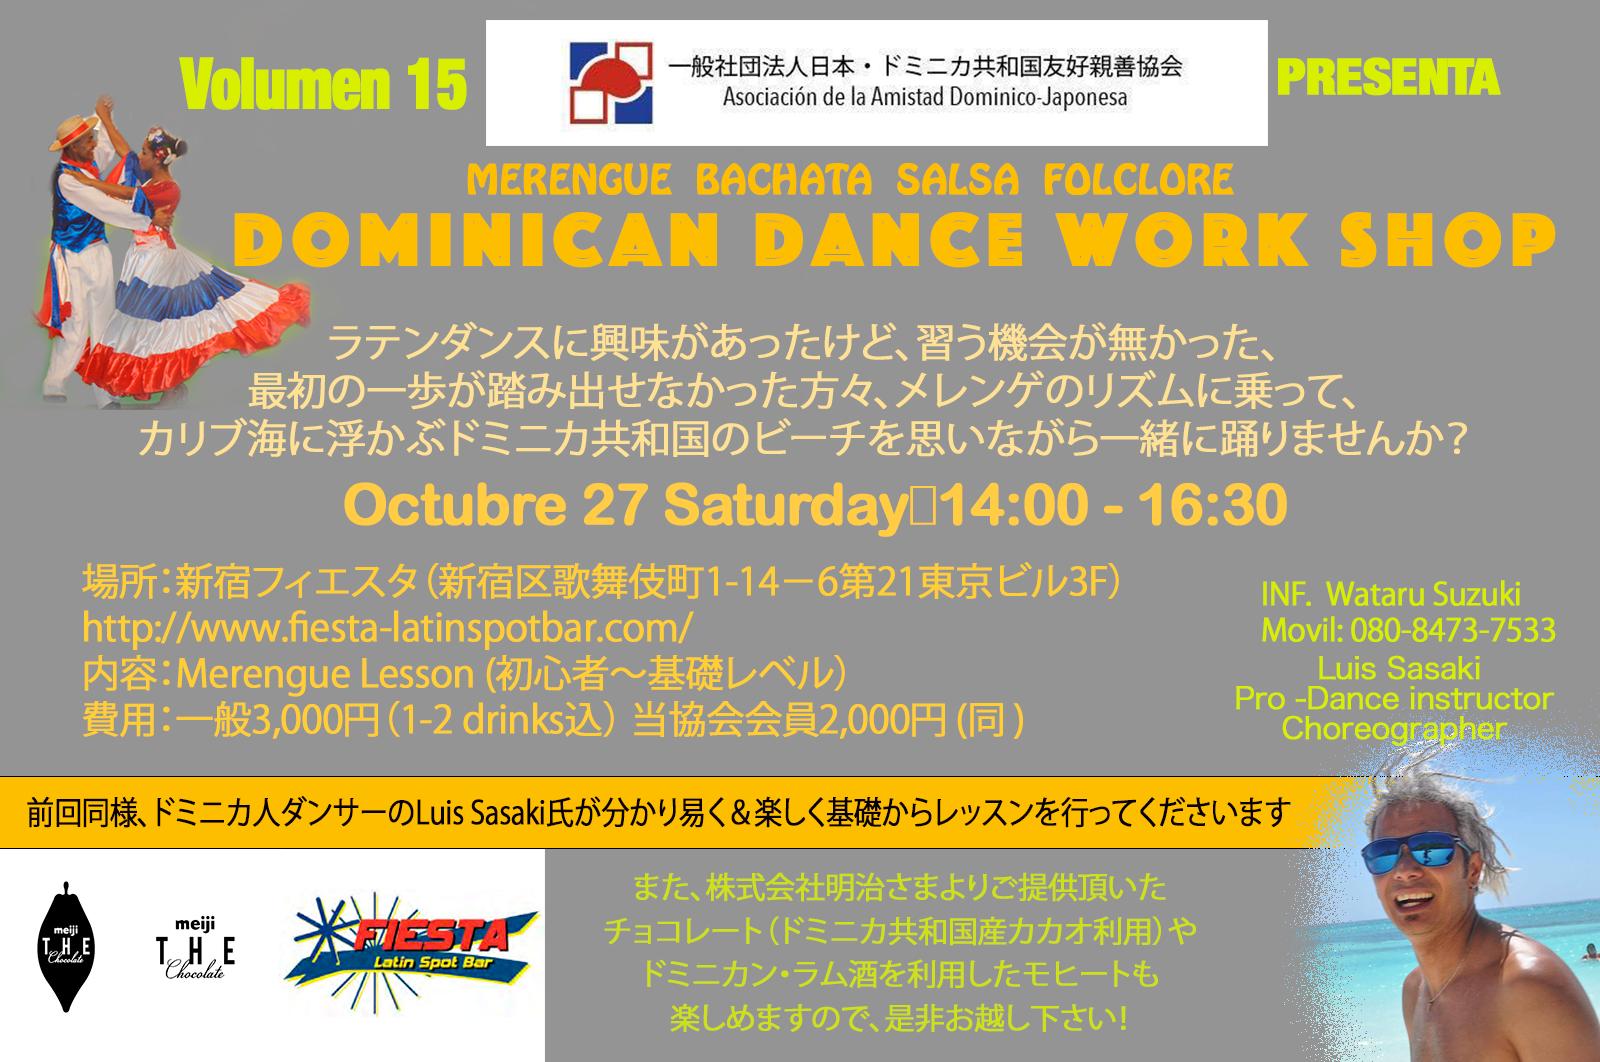 第15回ドミニカンダンス・ワークショップ開催のお知らせ! (¡El decimoquinto taller de baile dominicano!)